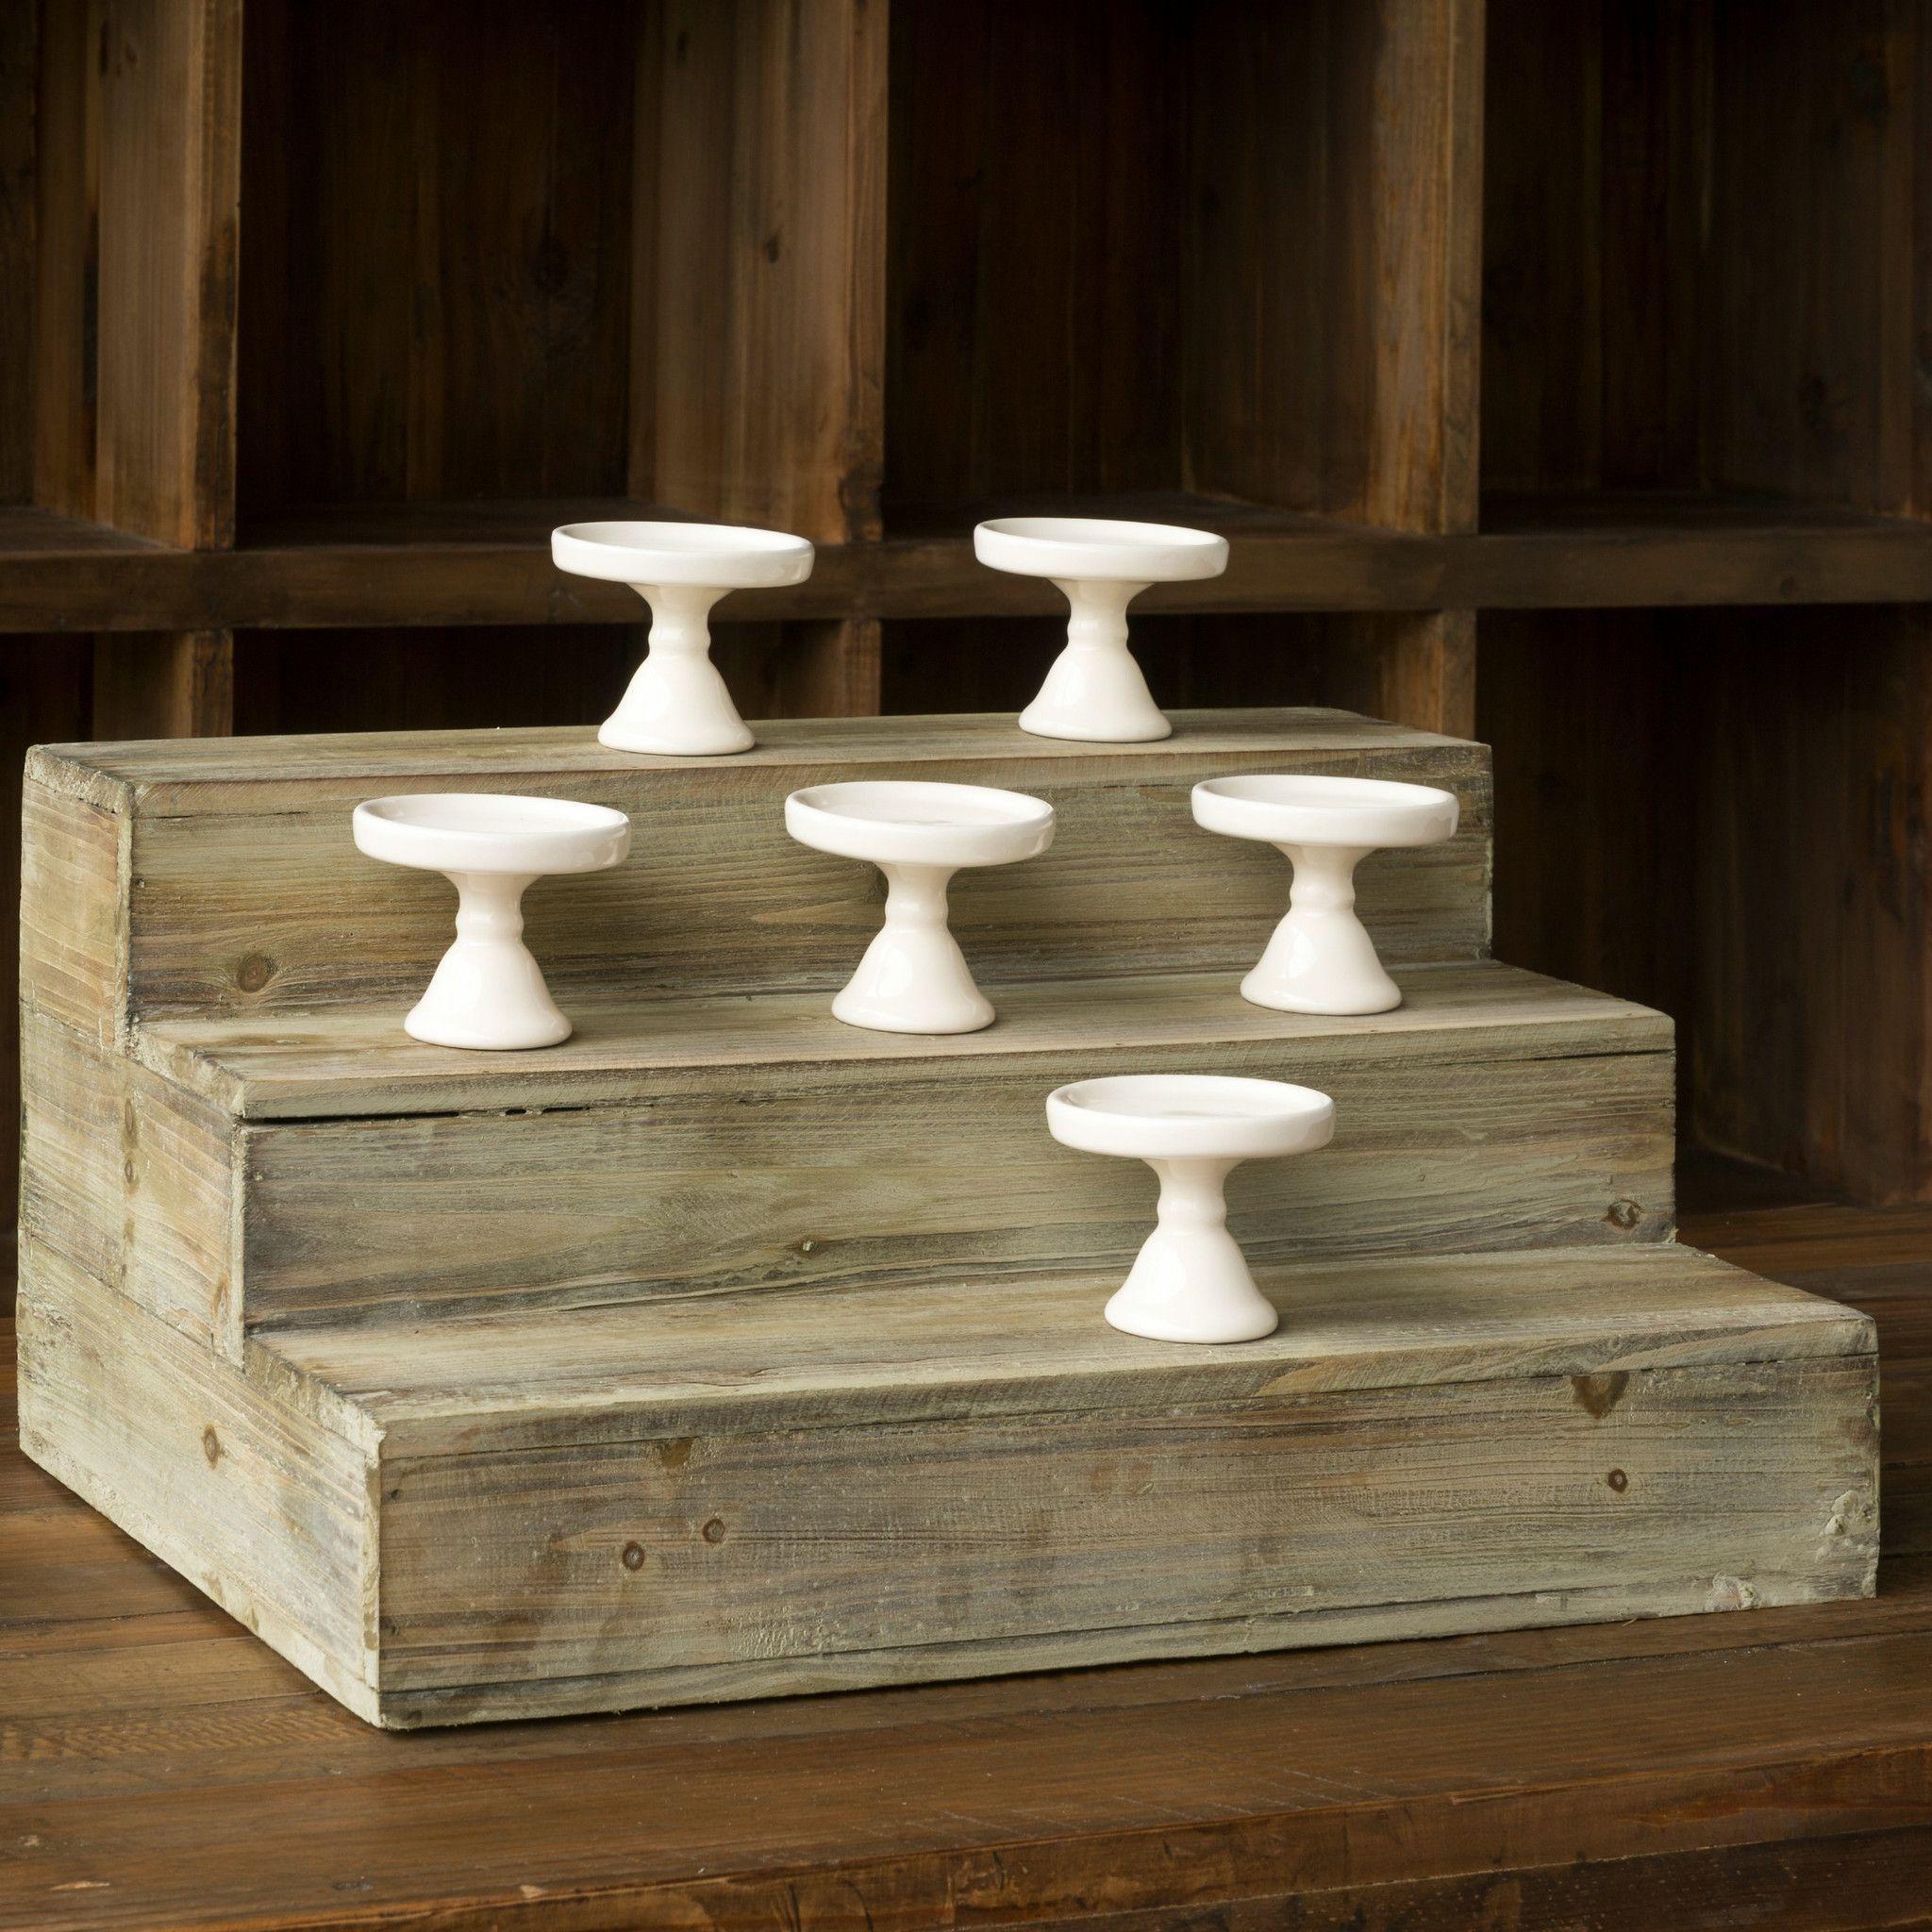 Stair Step Display Platform Wooden Cupcake Stands Jar Display